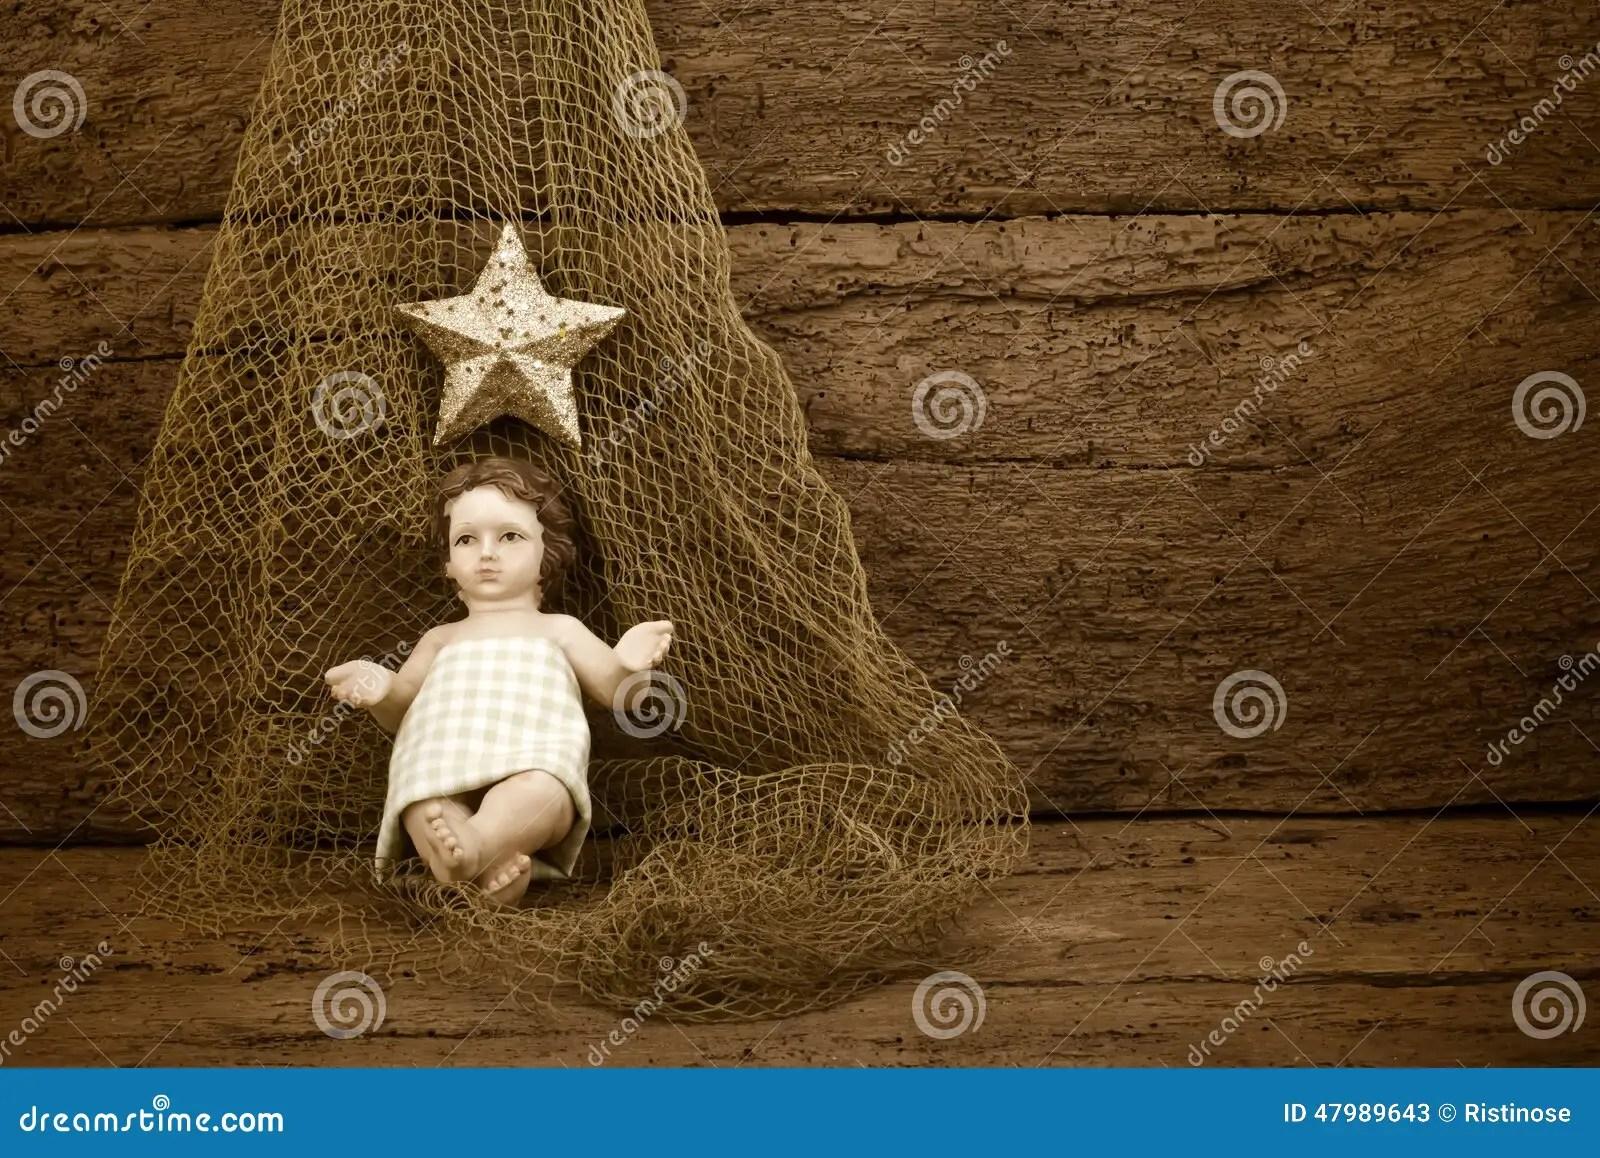 Religious Christmas Baby Jesus Stock Image Image 47989643